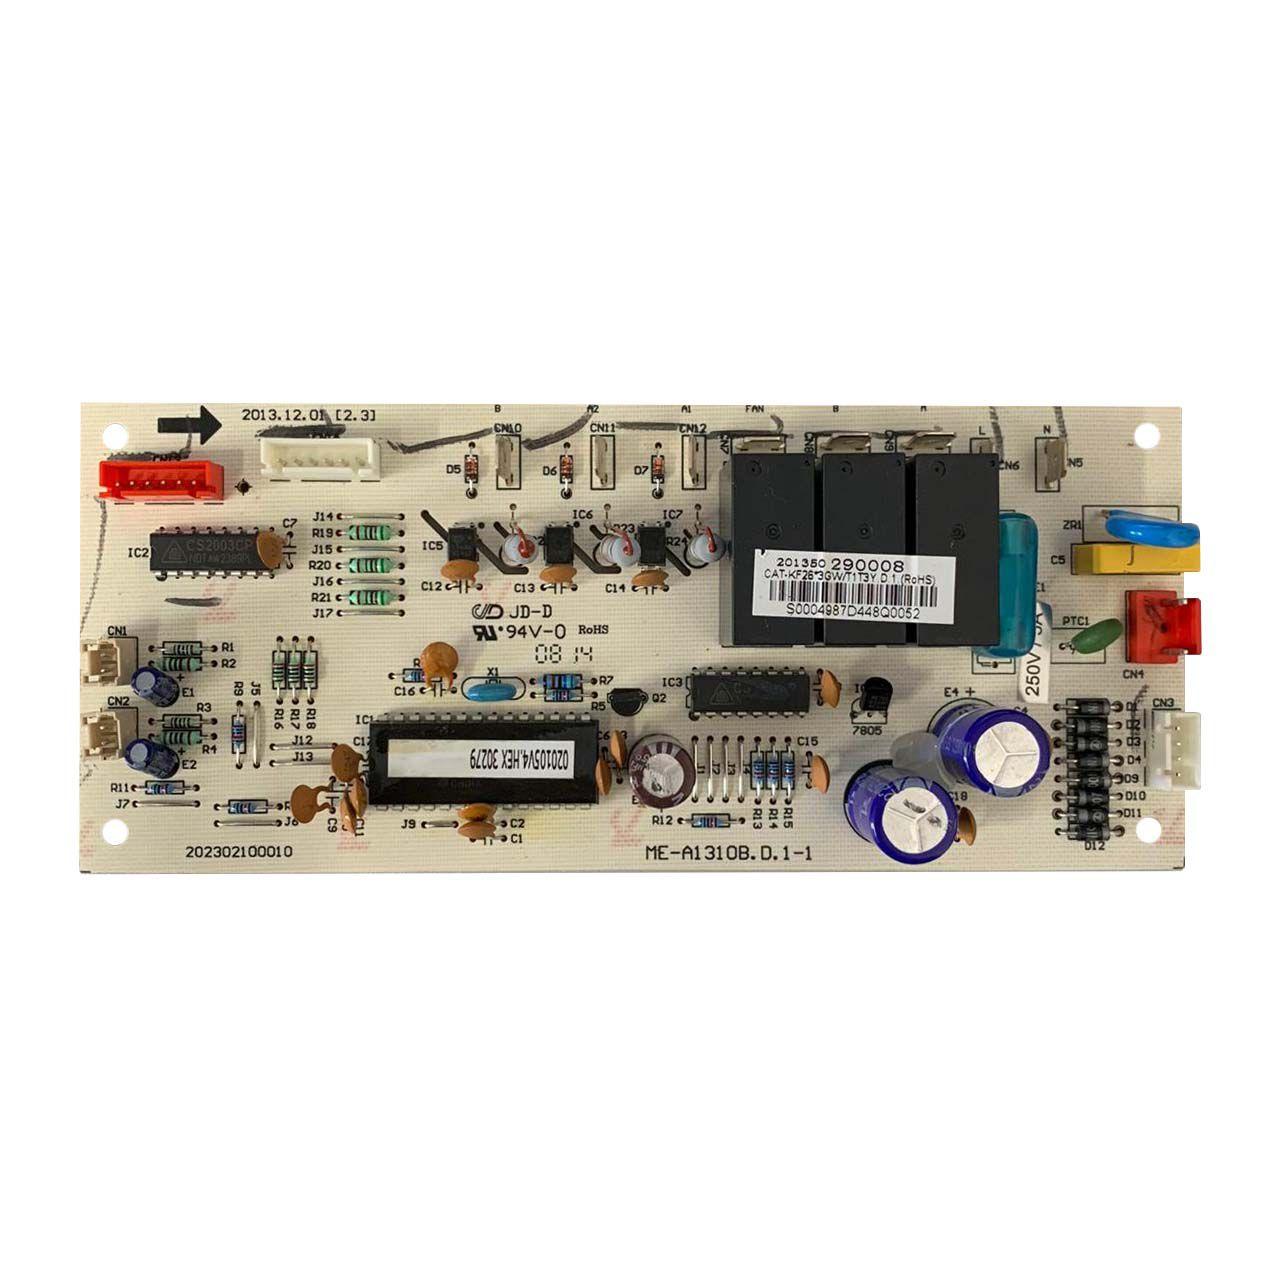 Placa Eletrônica Principal da Condensadora Midea Carrier Modelo 38LMCB027515TC